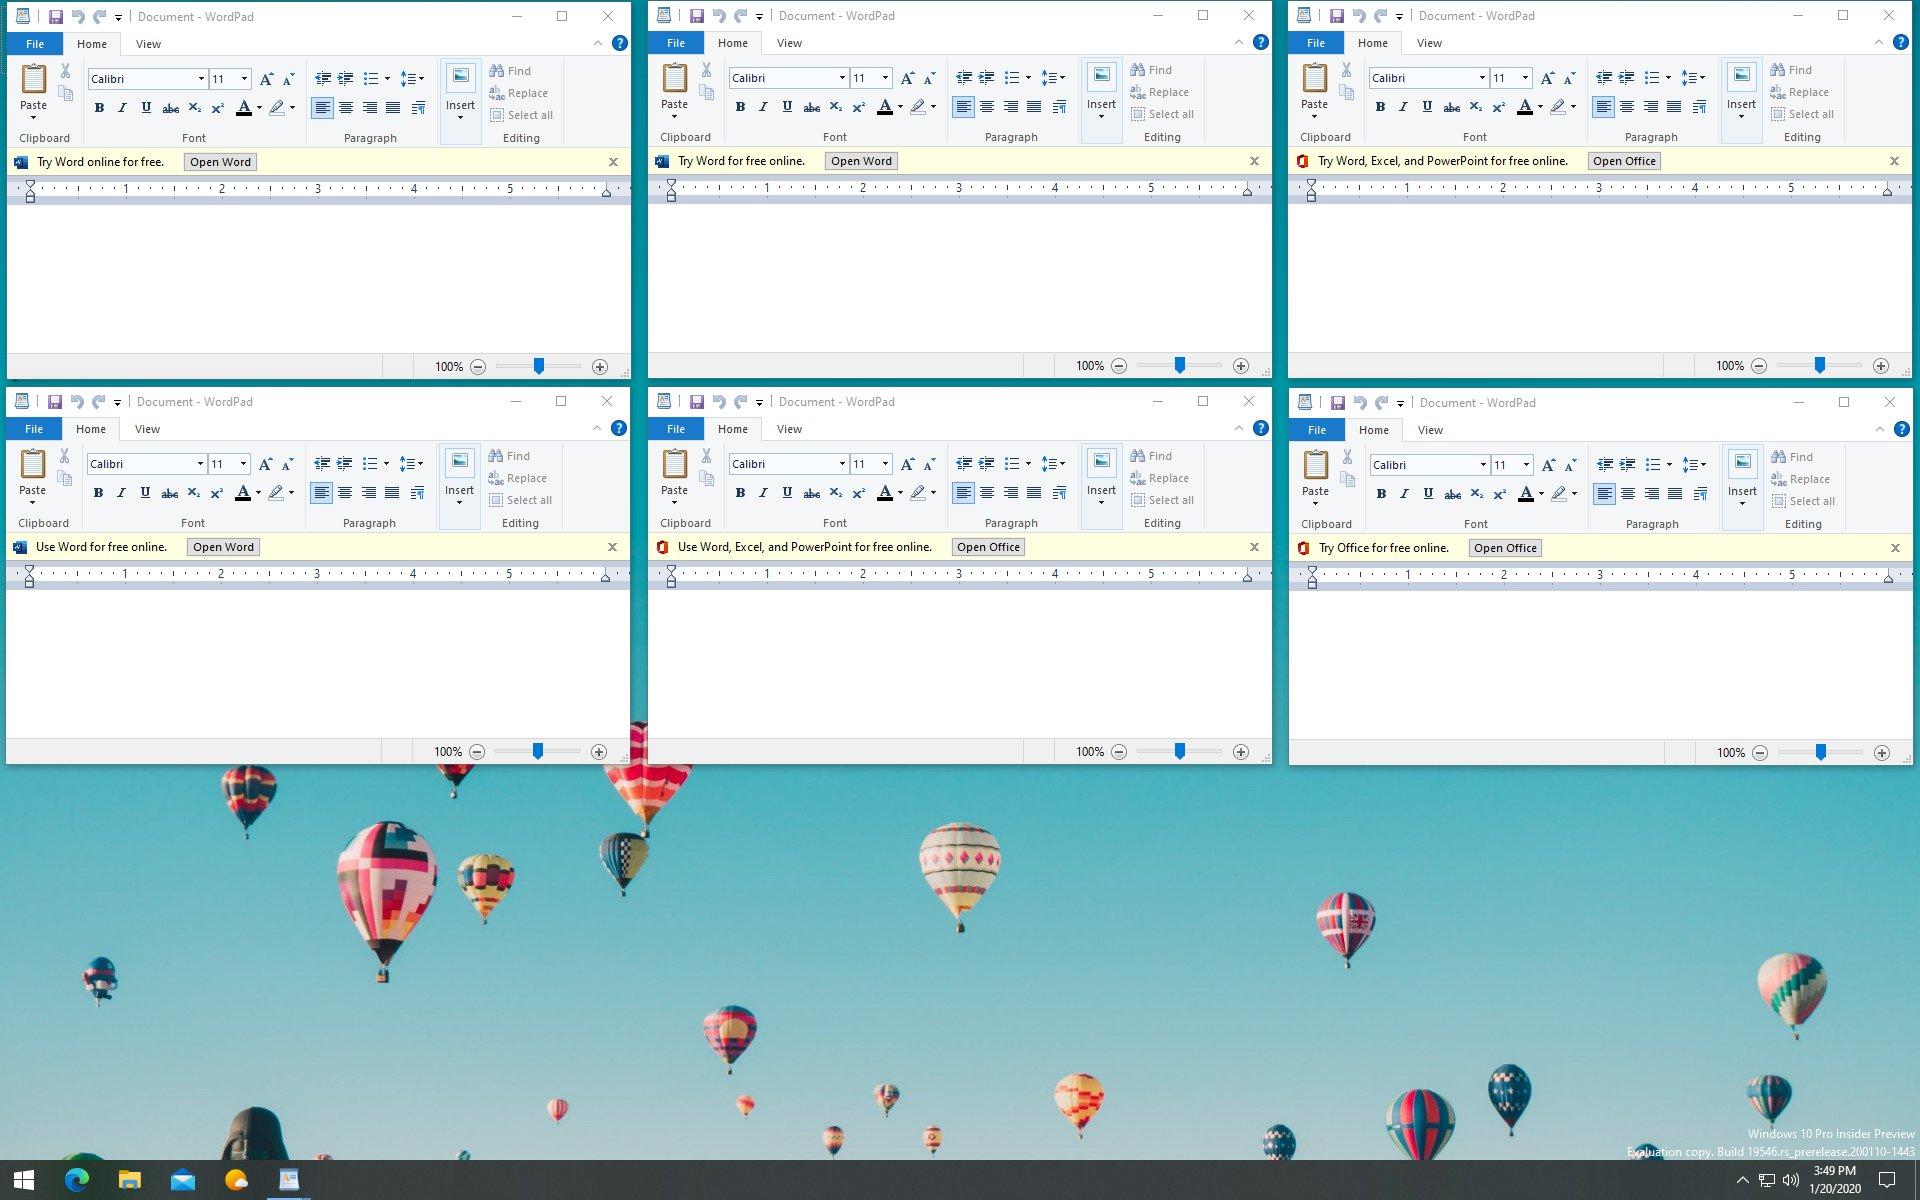 Windows 10 reclame wordpad